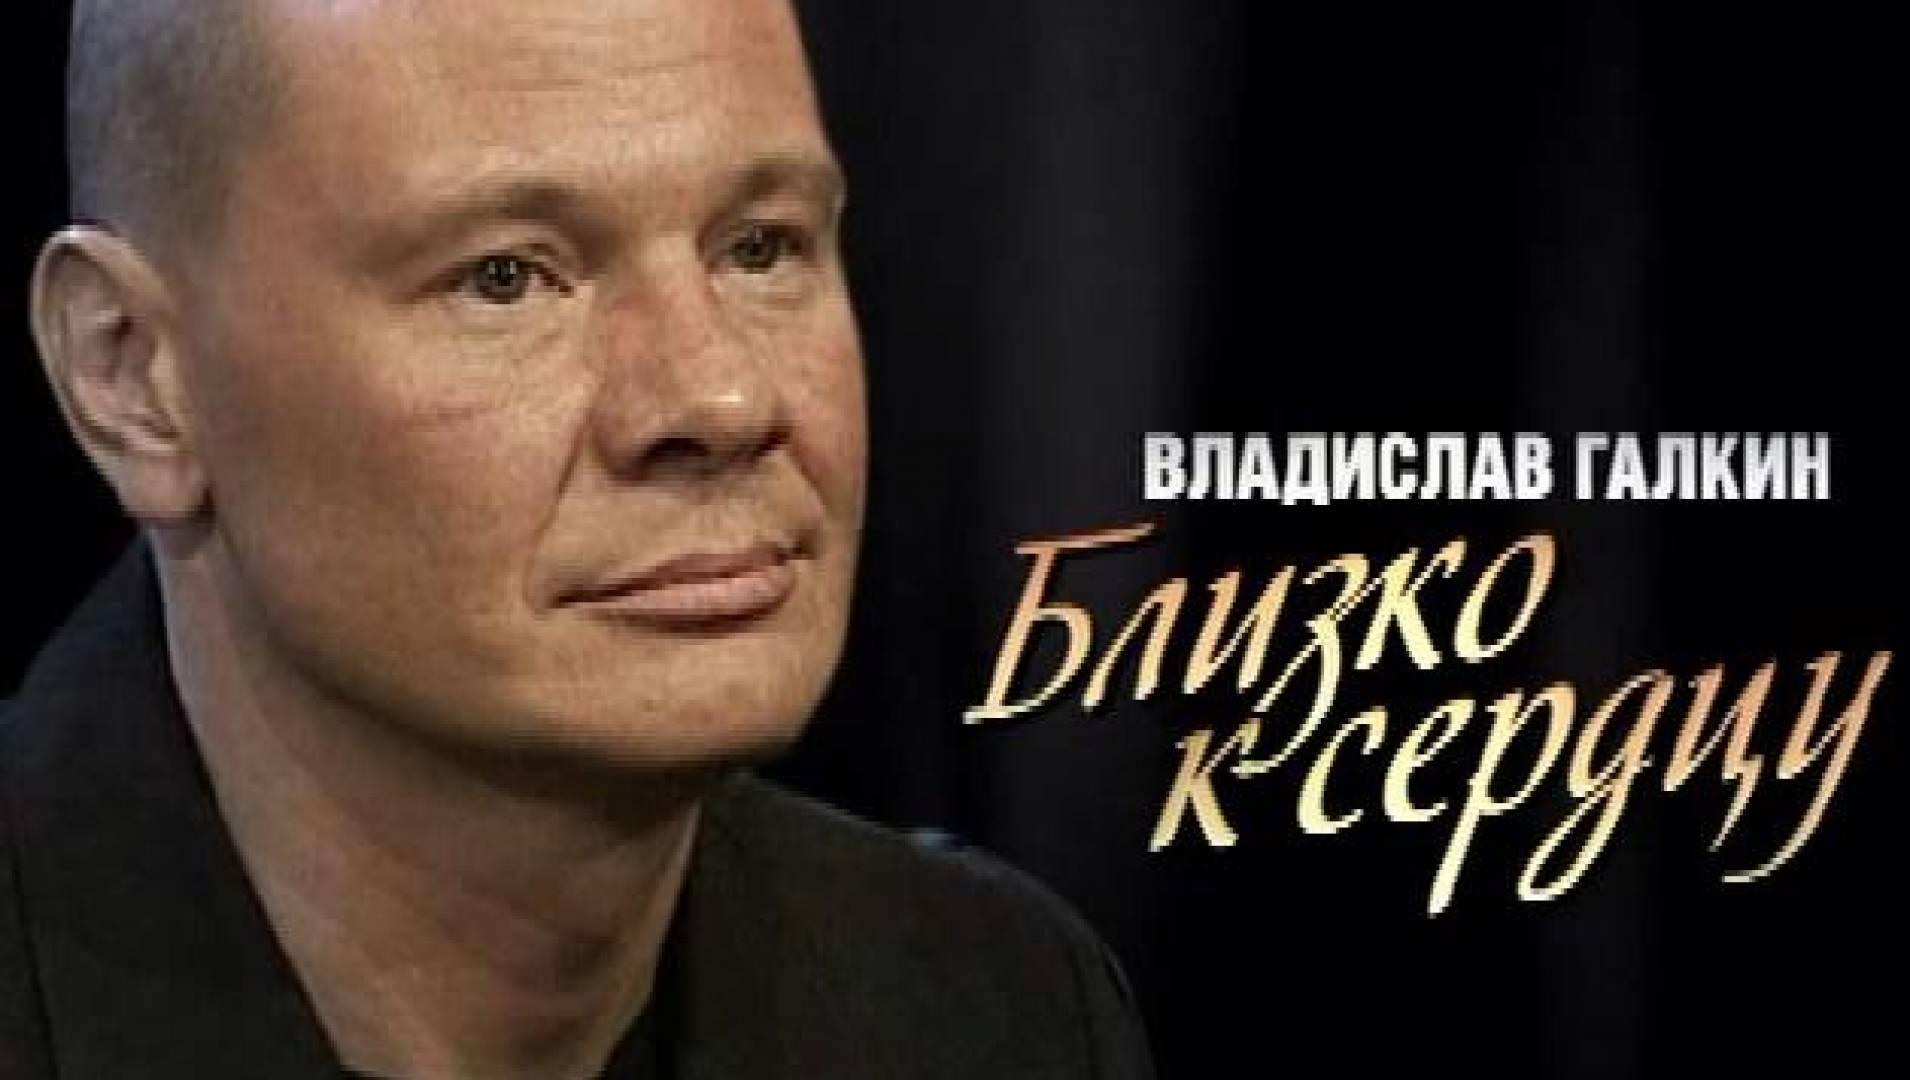 Владислав Галкин. Близко ксердцу - Документальный фильм